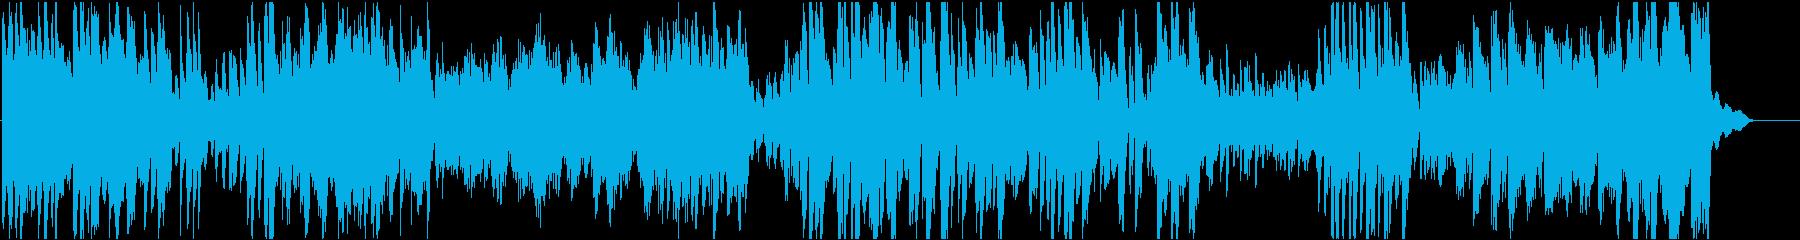 ピアノ名曲バルトーク 疾走感溢れる激しさの再生済みの波形